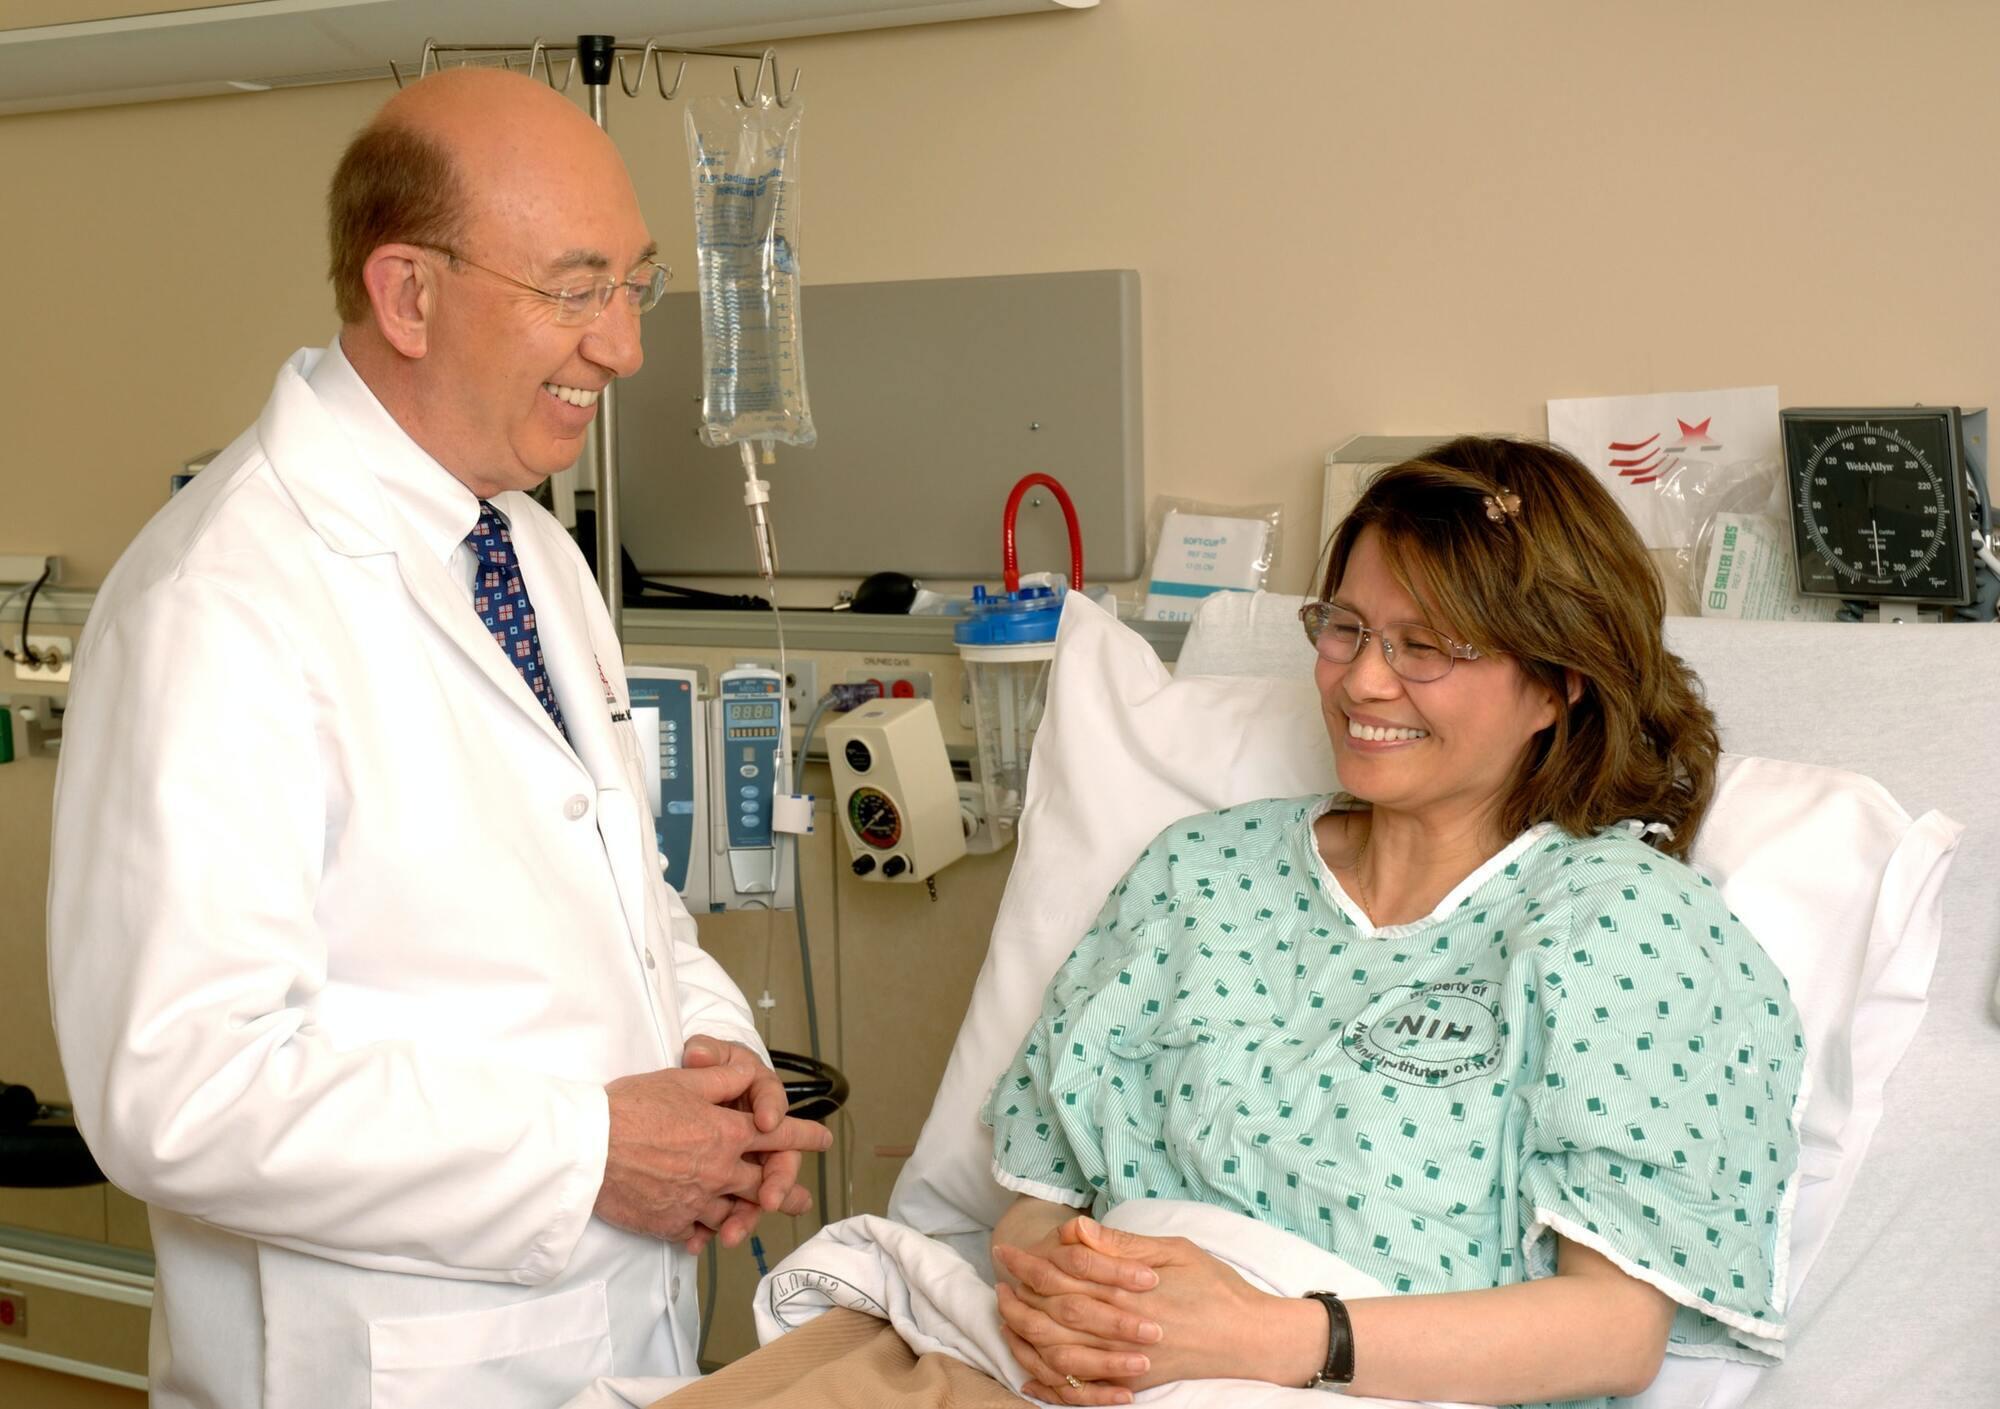 День медичного працівника відзначається третьої неділі червня